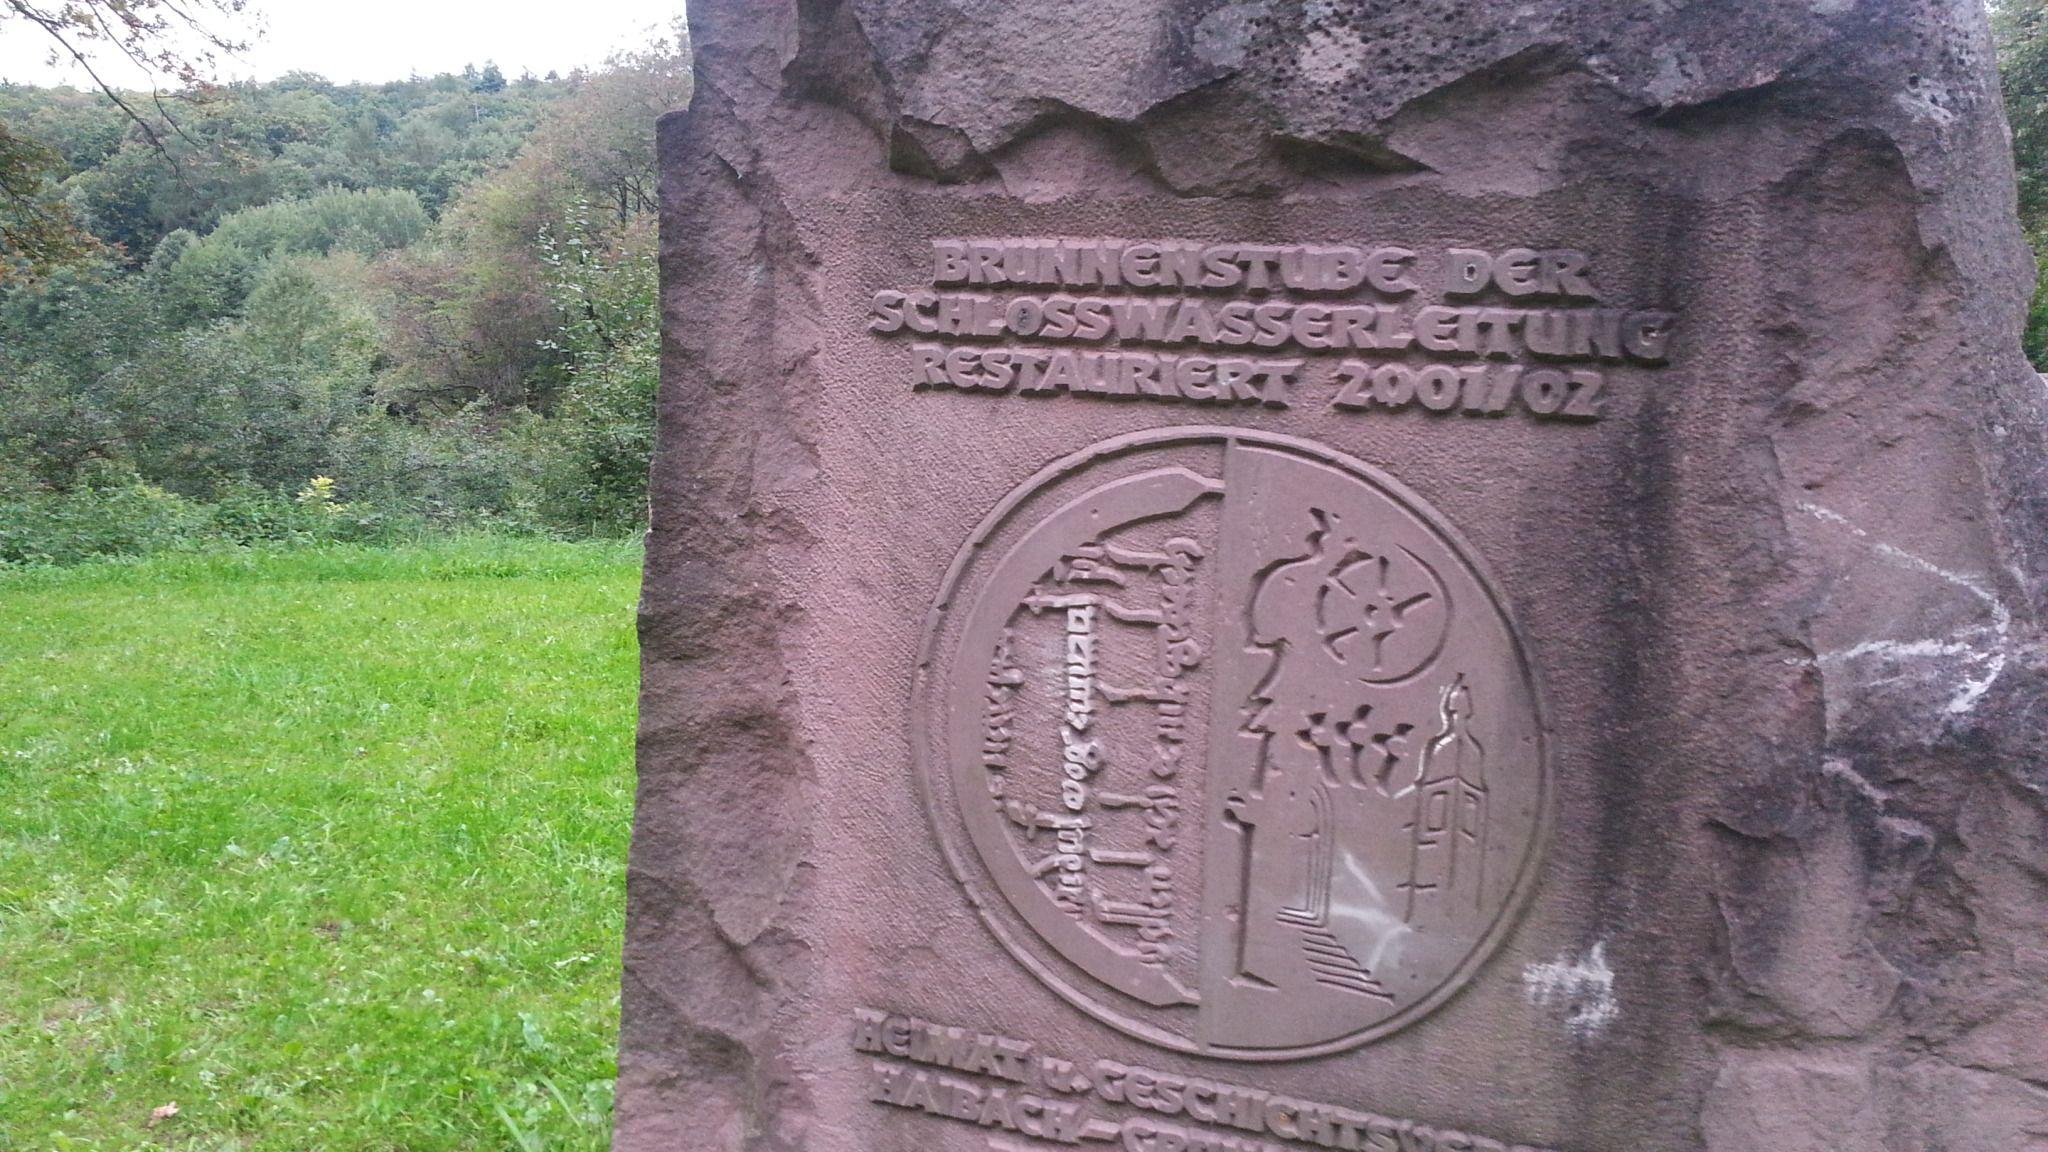 Die Brunnenstube am Wendelberg. Weitere Bilder unter http://www.baumann-haibach.de/2014/08/28/die-brunnenstube-wendelberg/